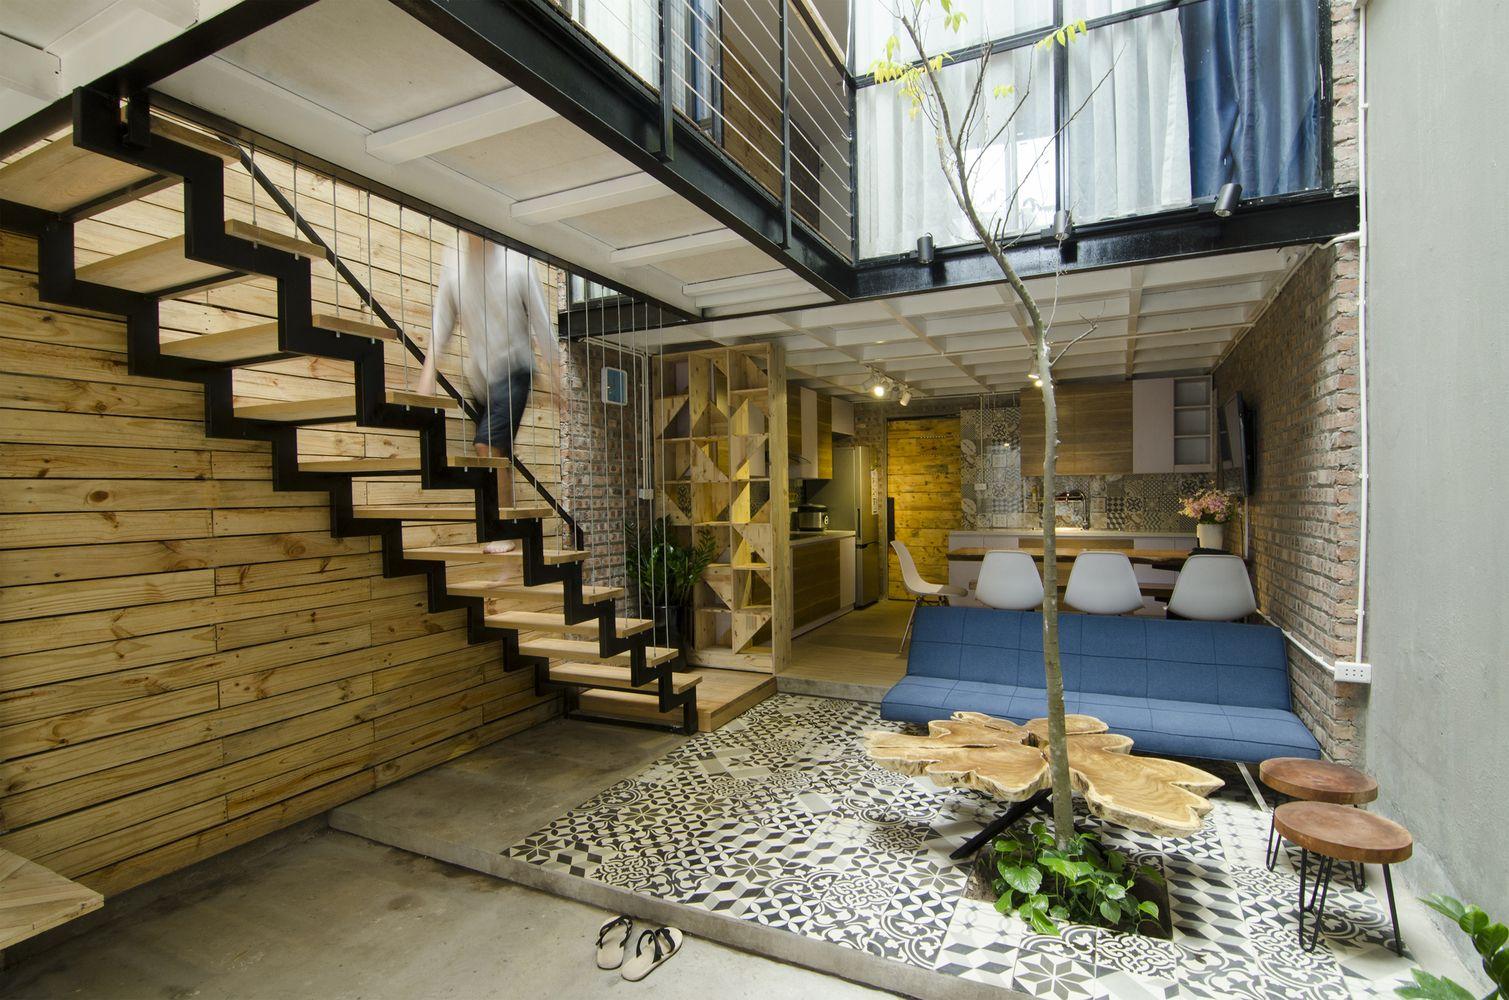 Casa pequeña de campo diseño autosustentable y un material de